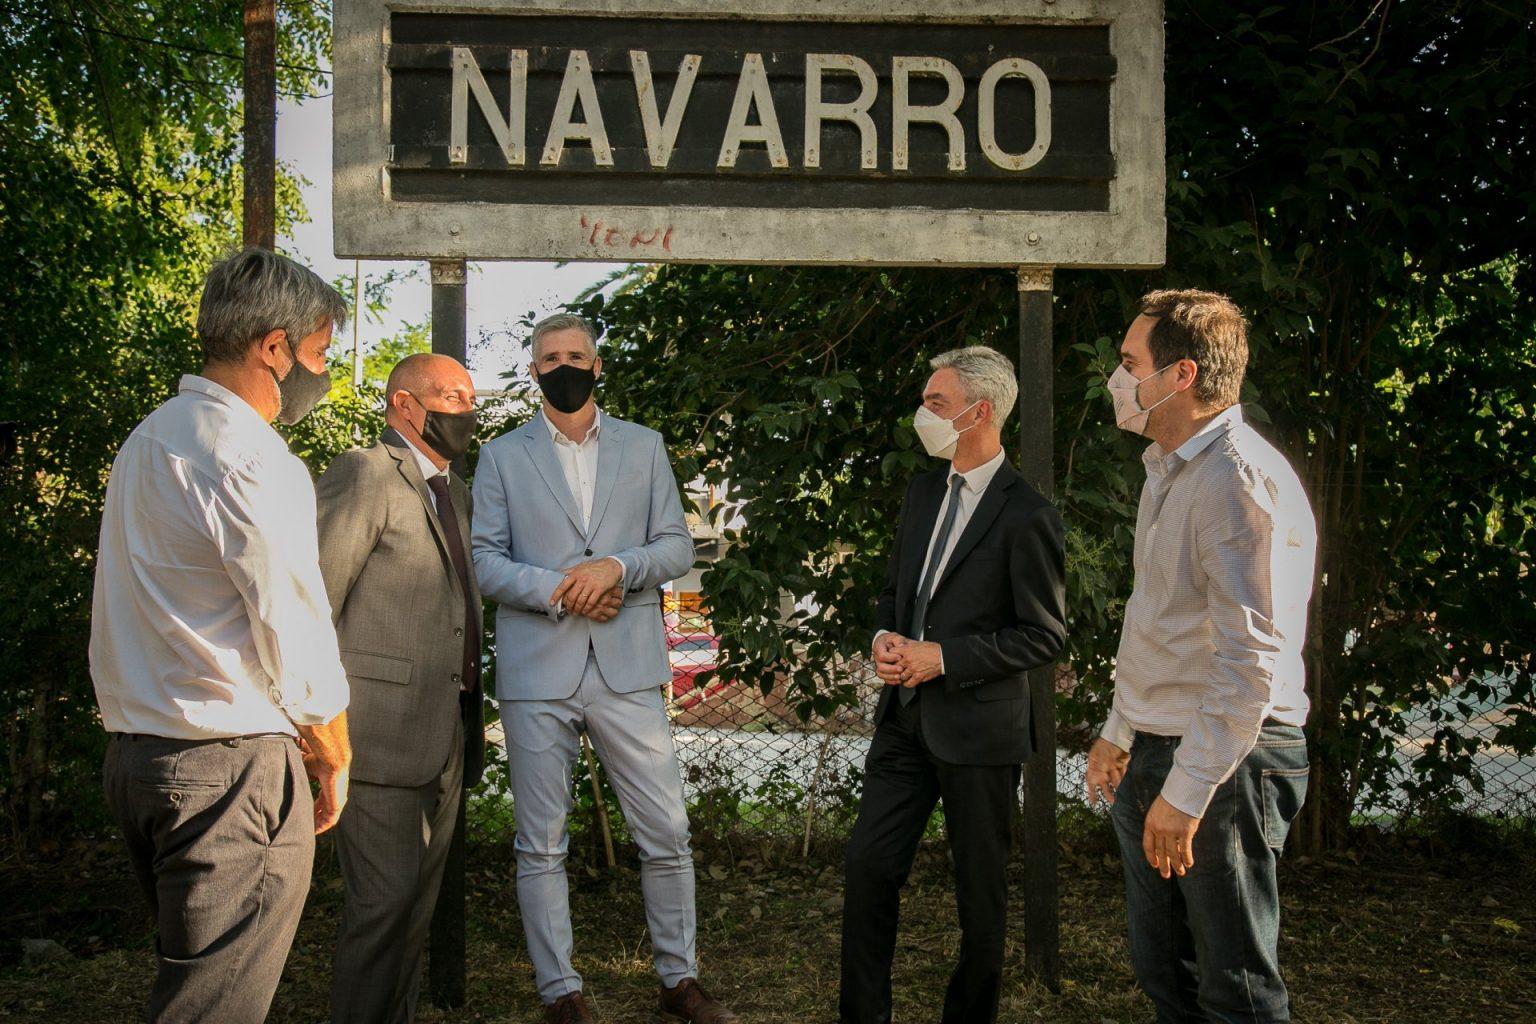 Diz anunció la renovación de la estación de trenes de Navarro